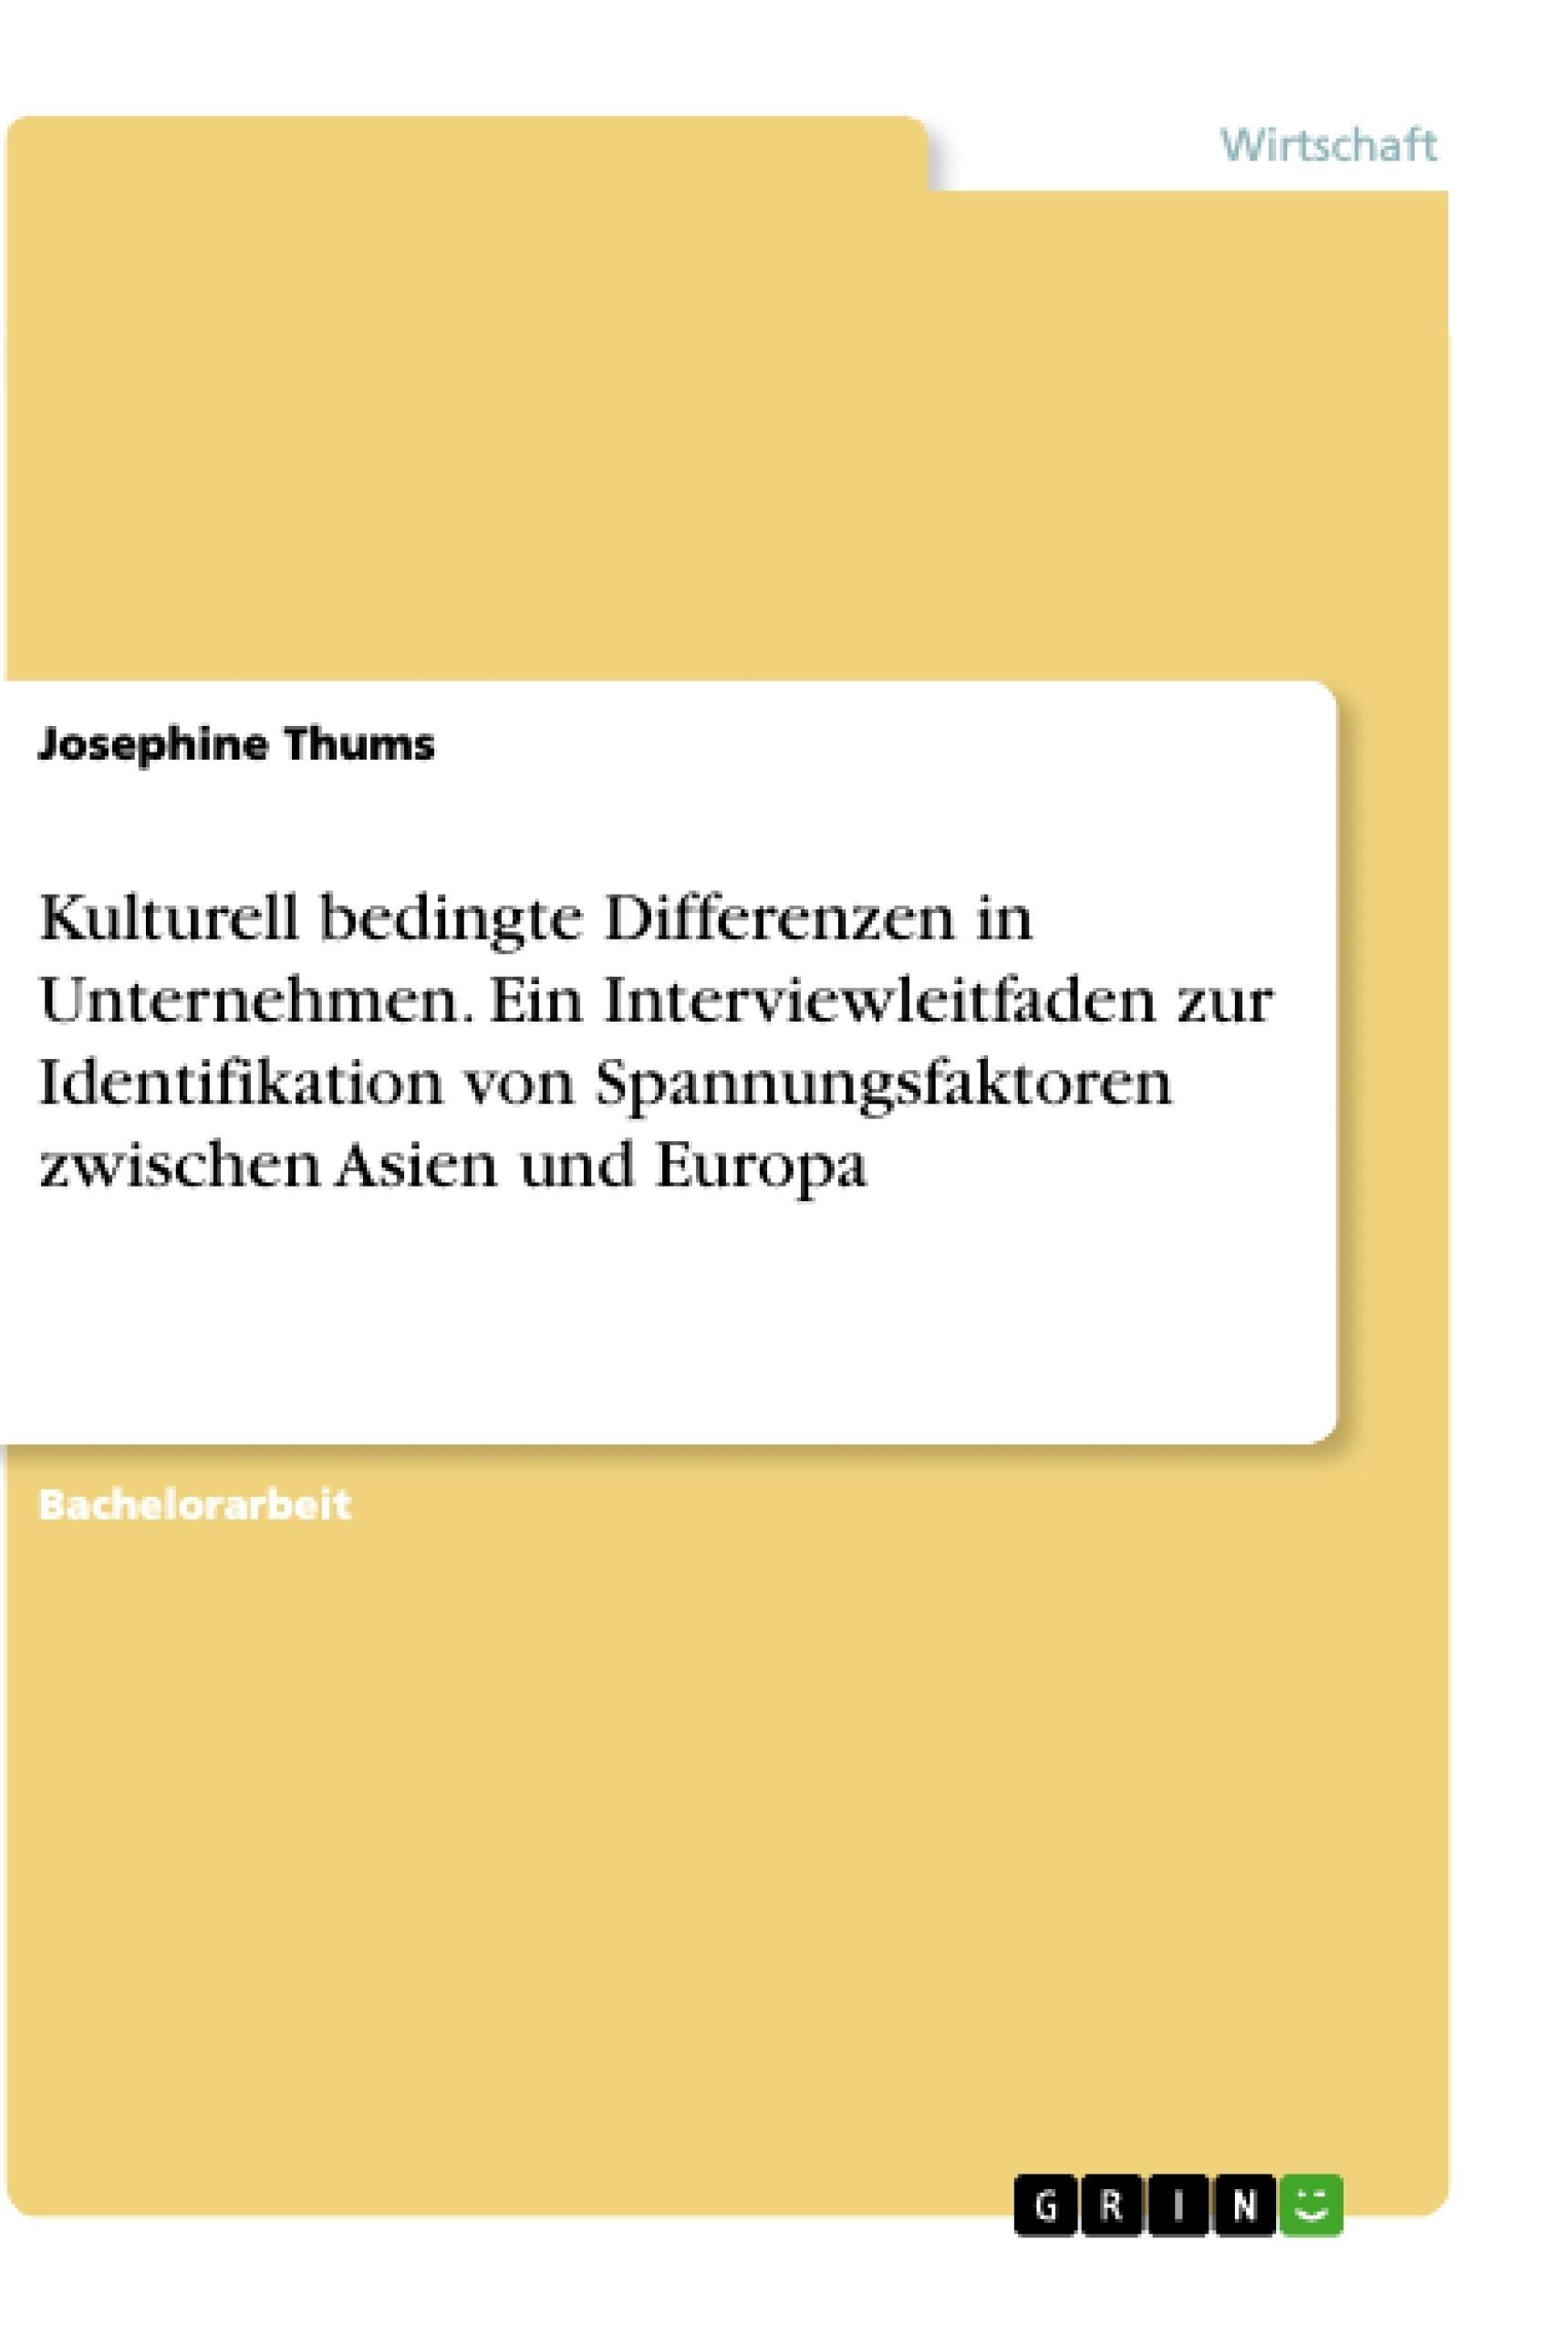 Titel: Kulturell bedingte Differenzen in Unternehmen. Ein Interviewleitfaden zur Identifikation von Spannungsfaktoren zwischen Asien und Europa